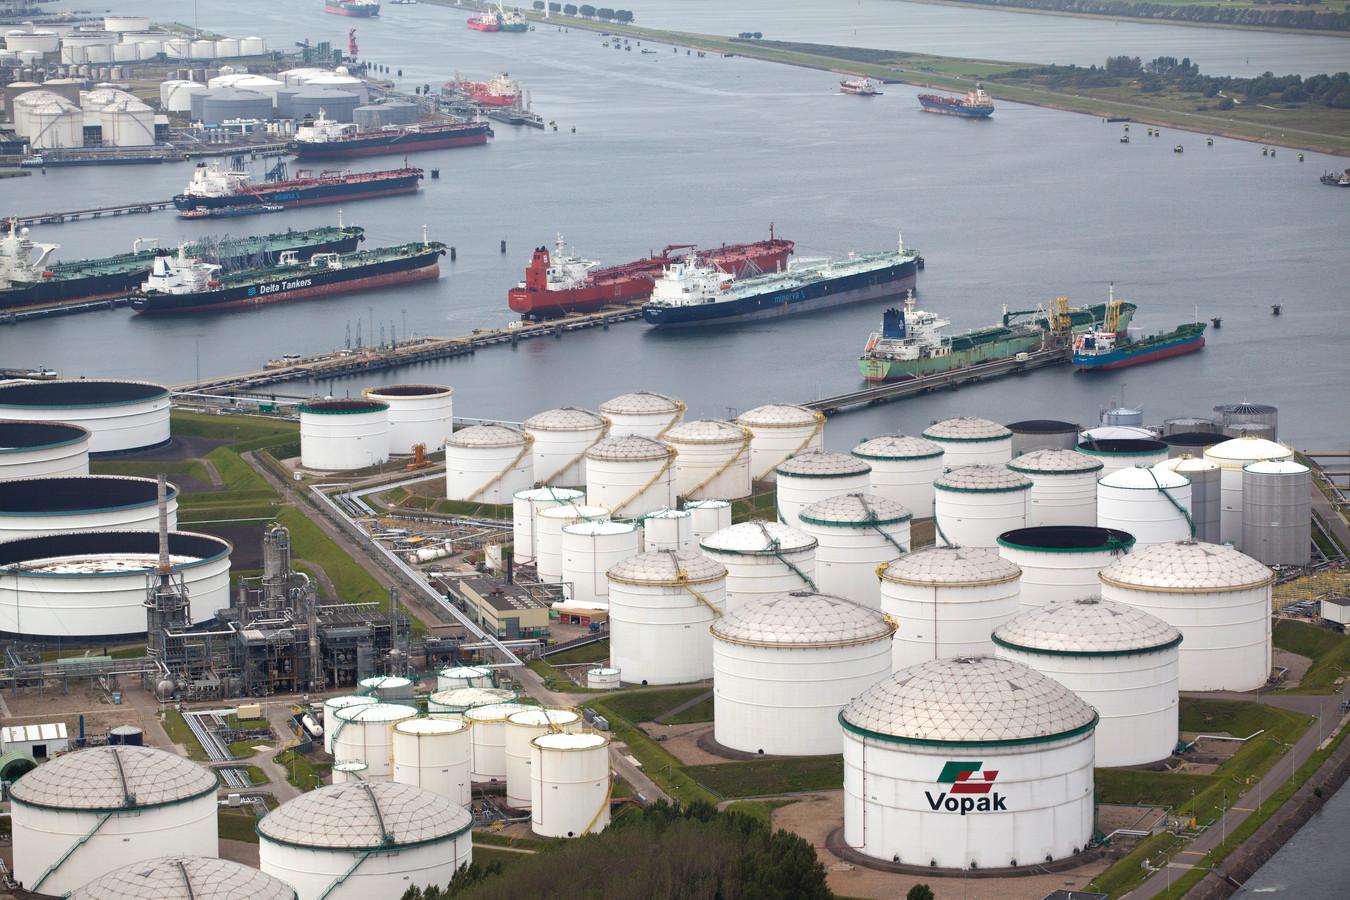 Opslagtanks van Vopak in de Rotterdamse haven